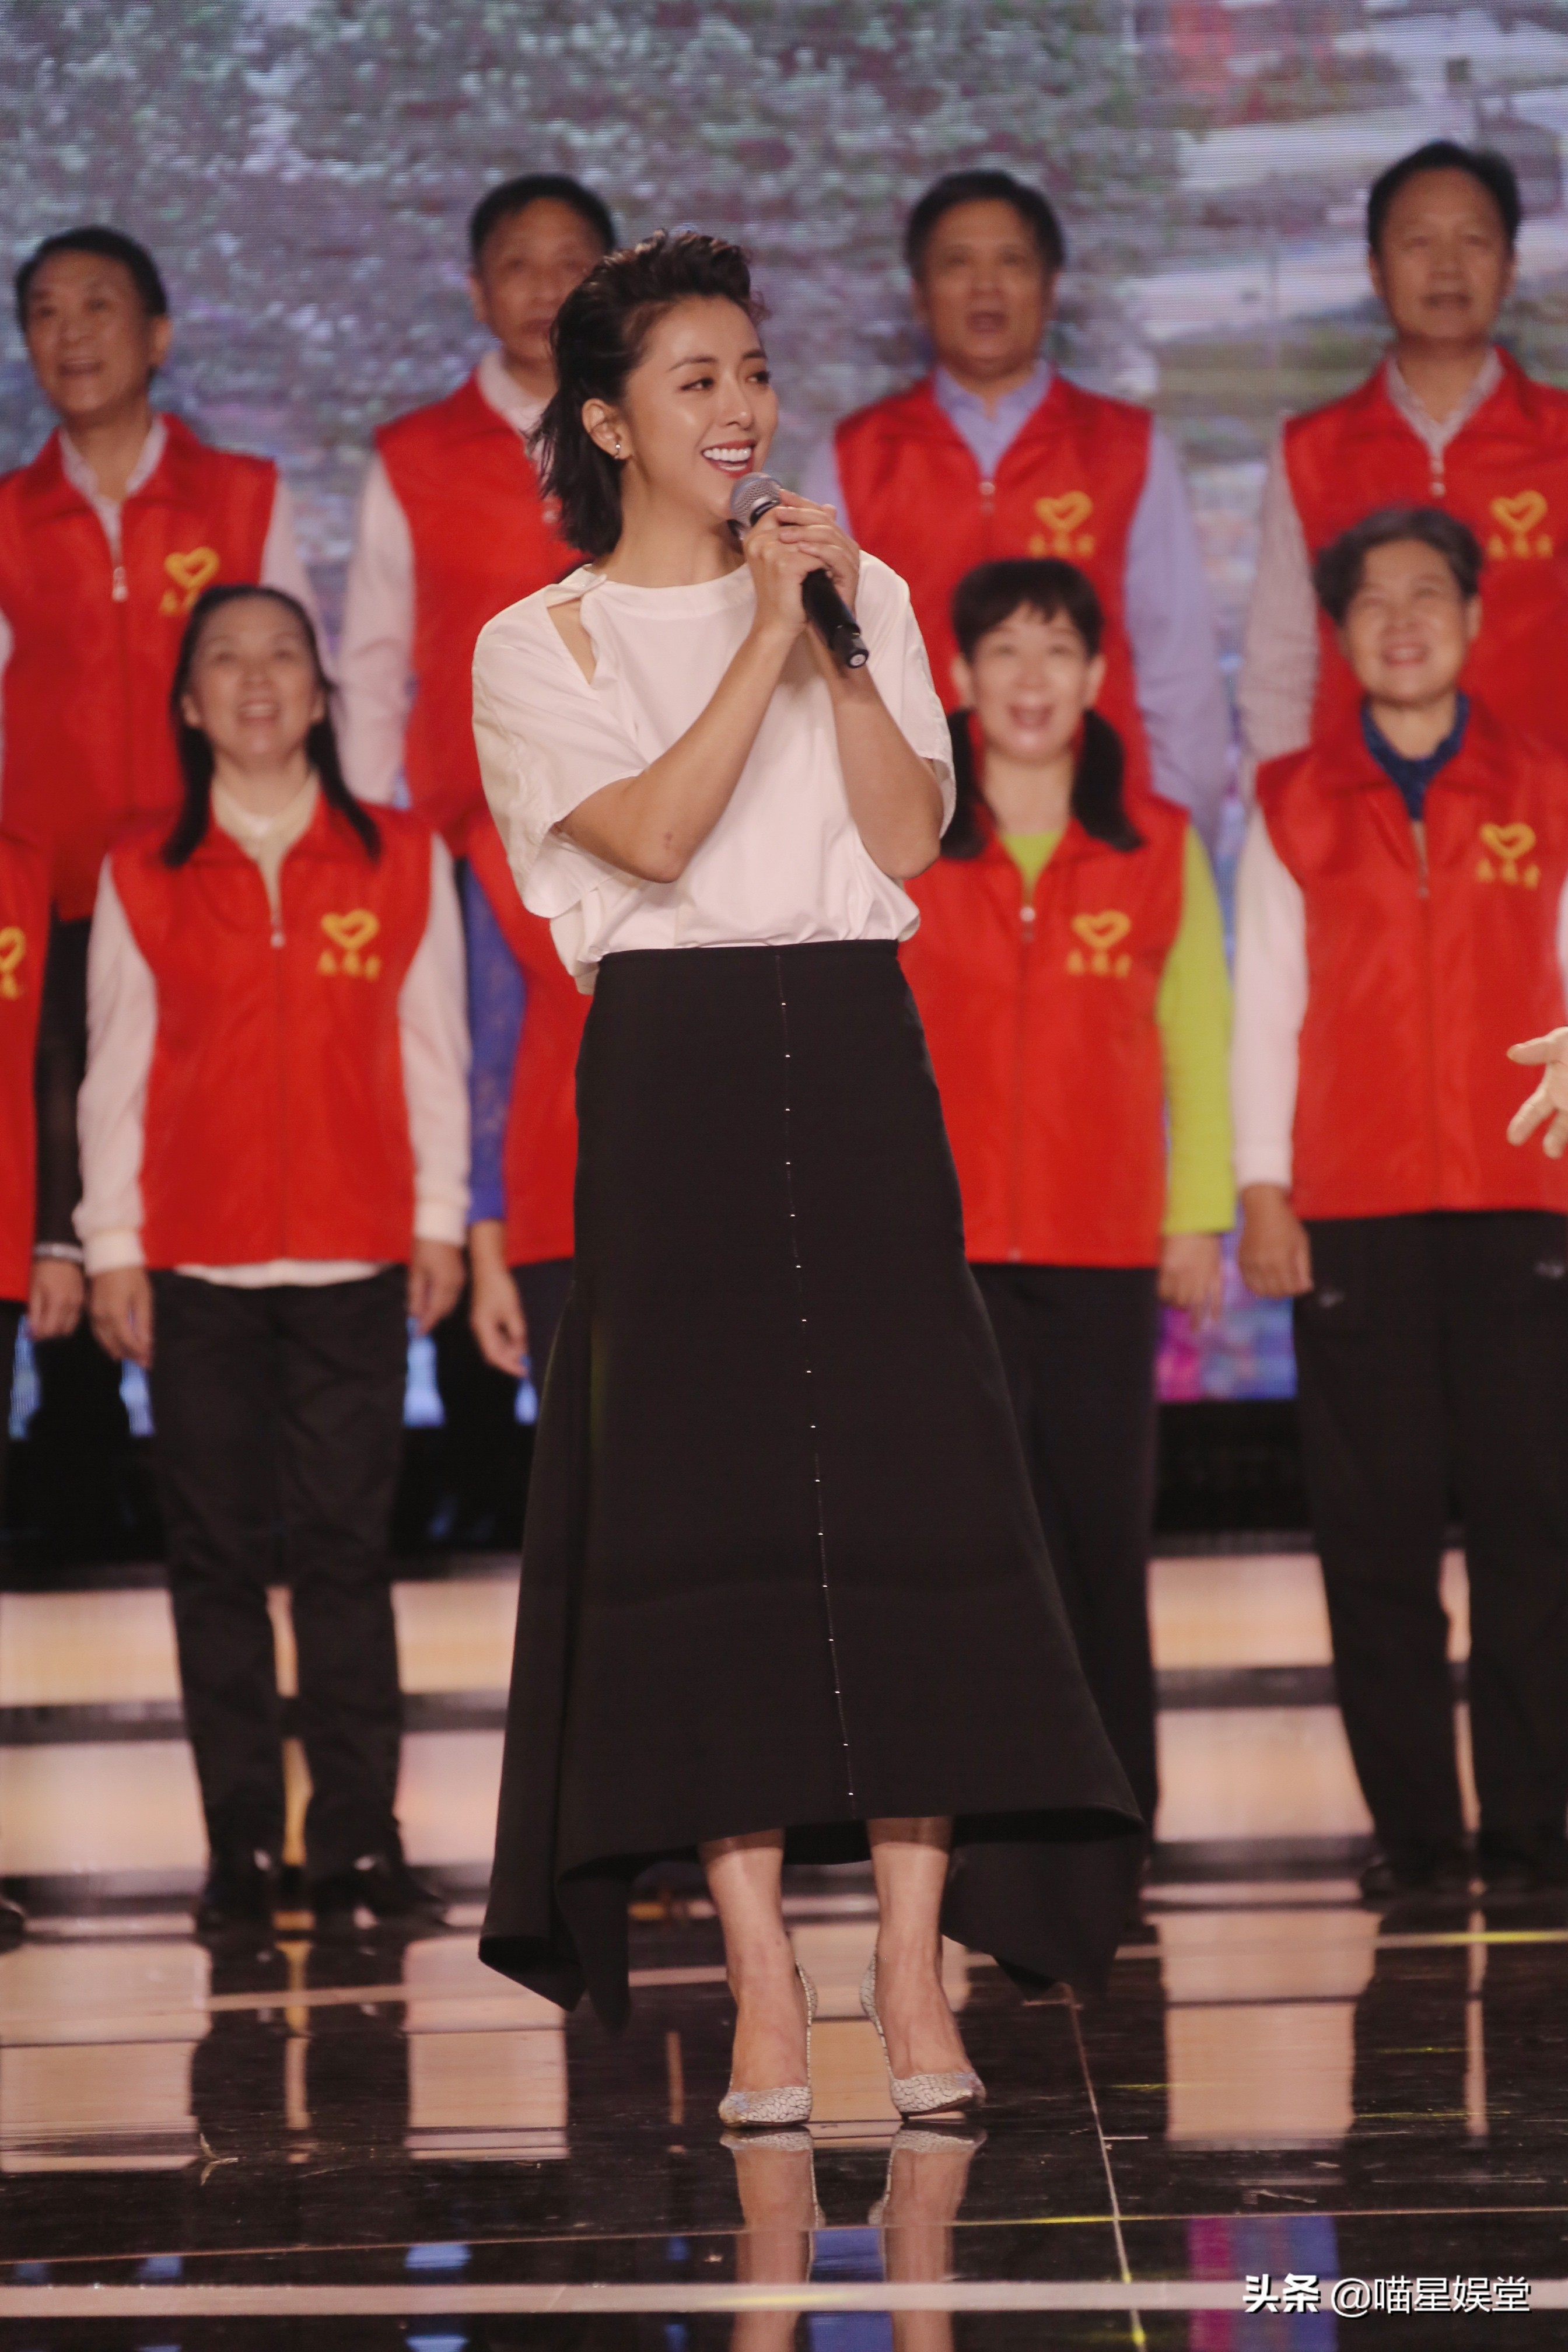 时代报告剧《在一起》开播晚会 黄小蕾含泪献唱《武汉伢》